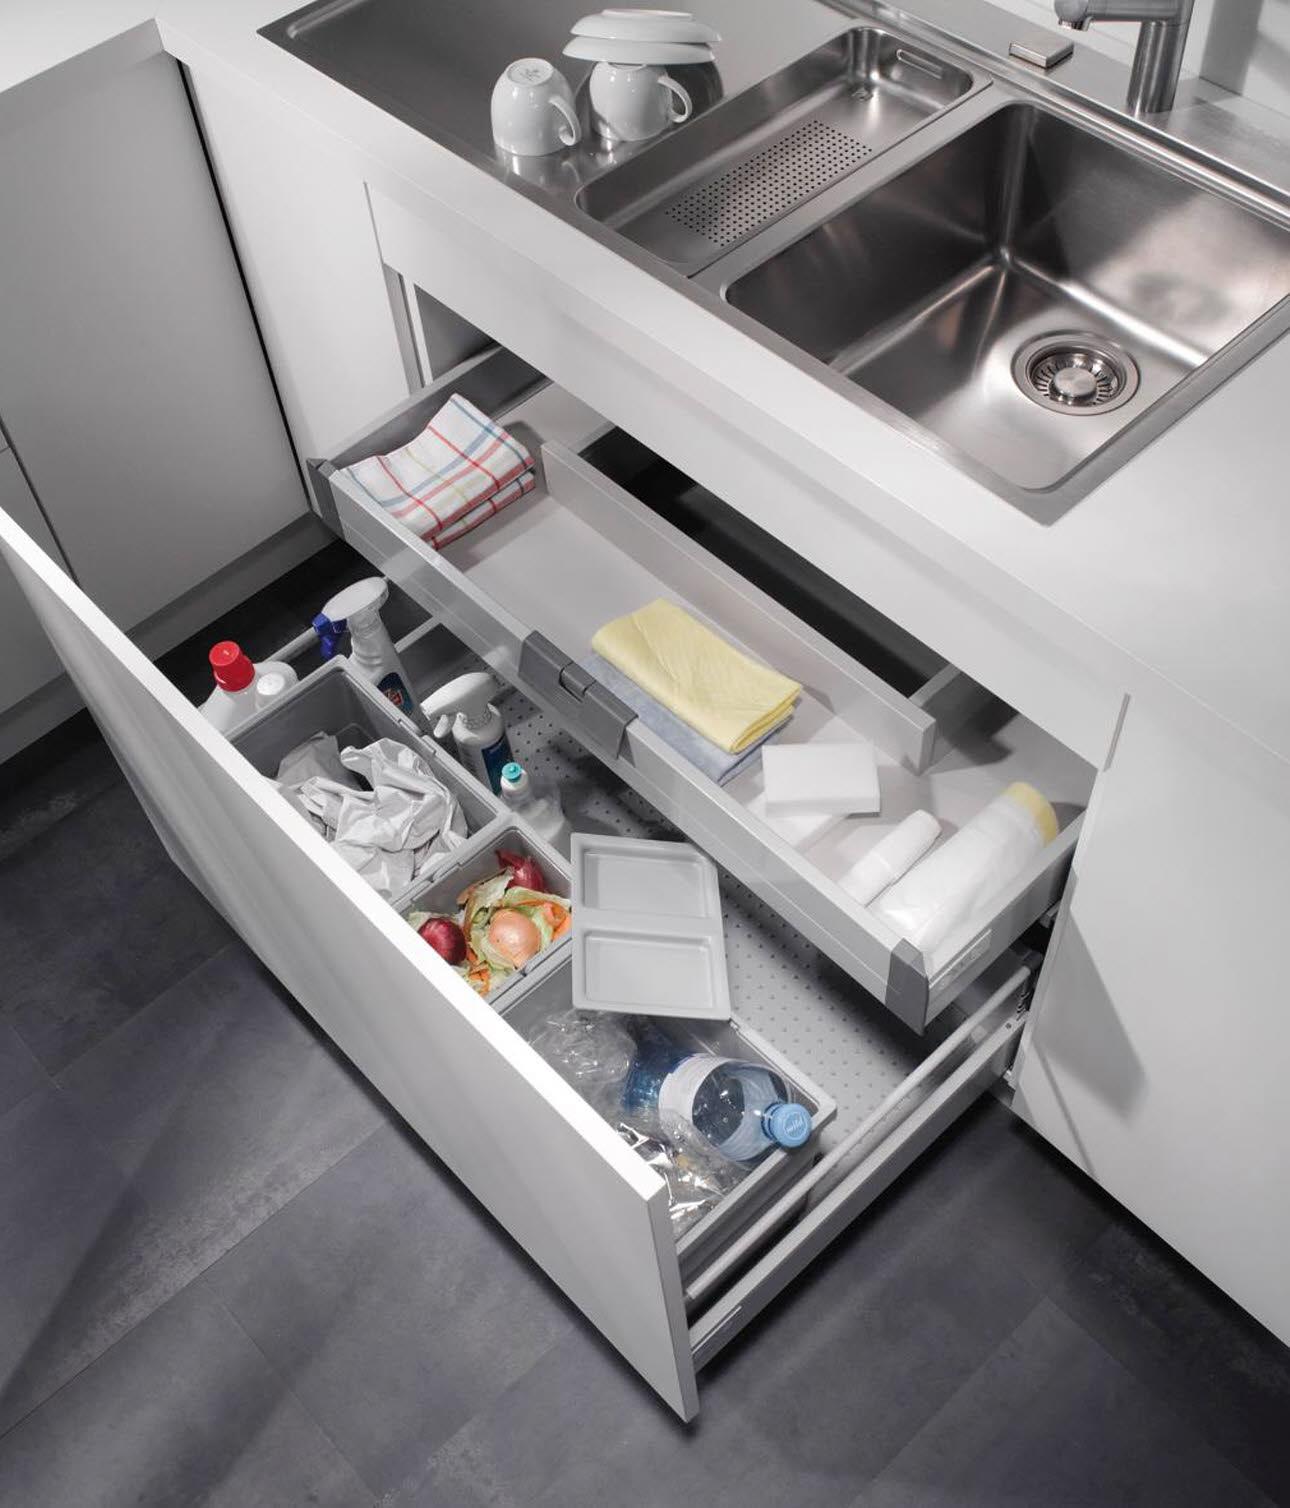 Müllsystem Küche  Jtleigh.com - Hausgestaltung Ideen